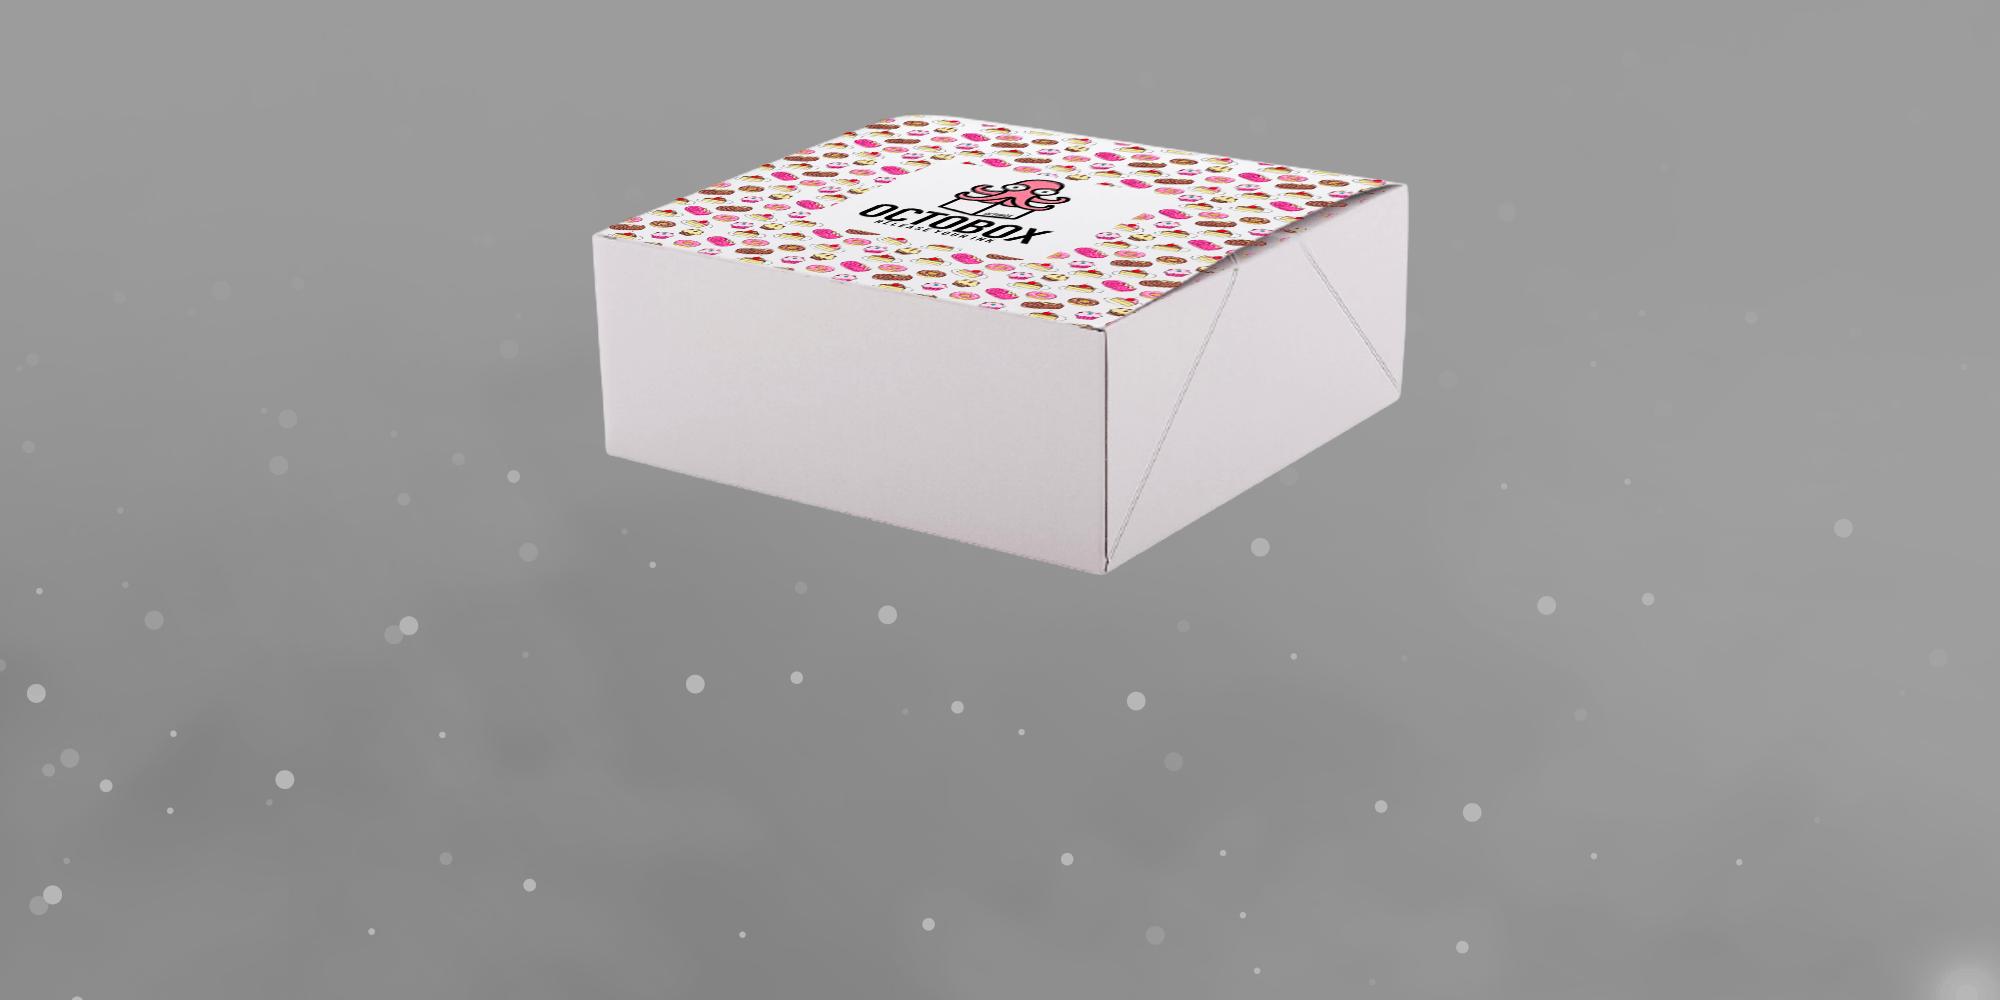 العلب الورقية | Paper Boxes